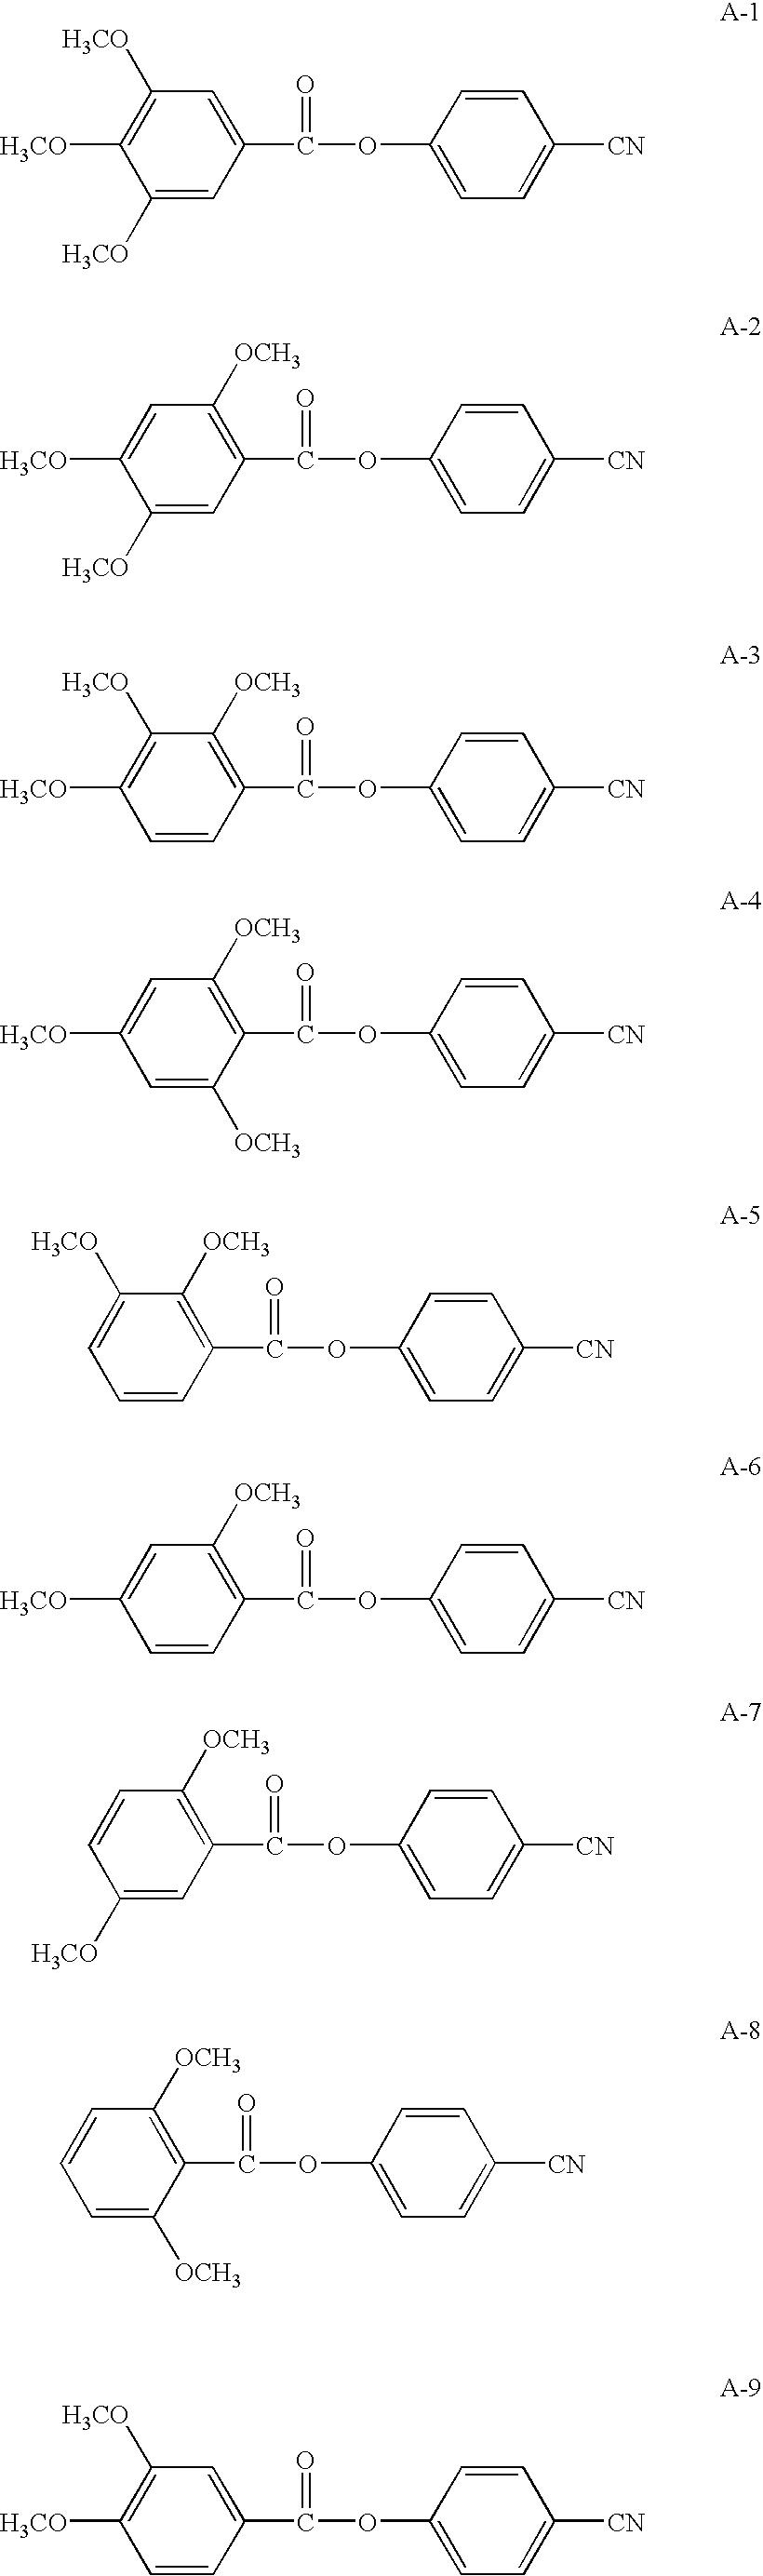 Figure US07504139-20090317-C00026